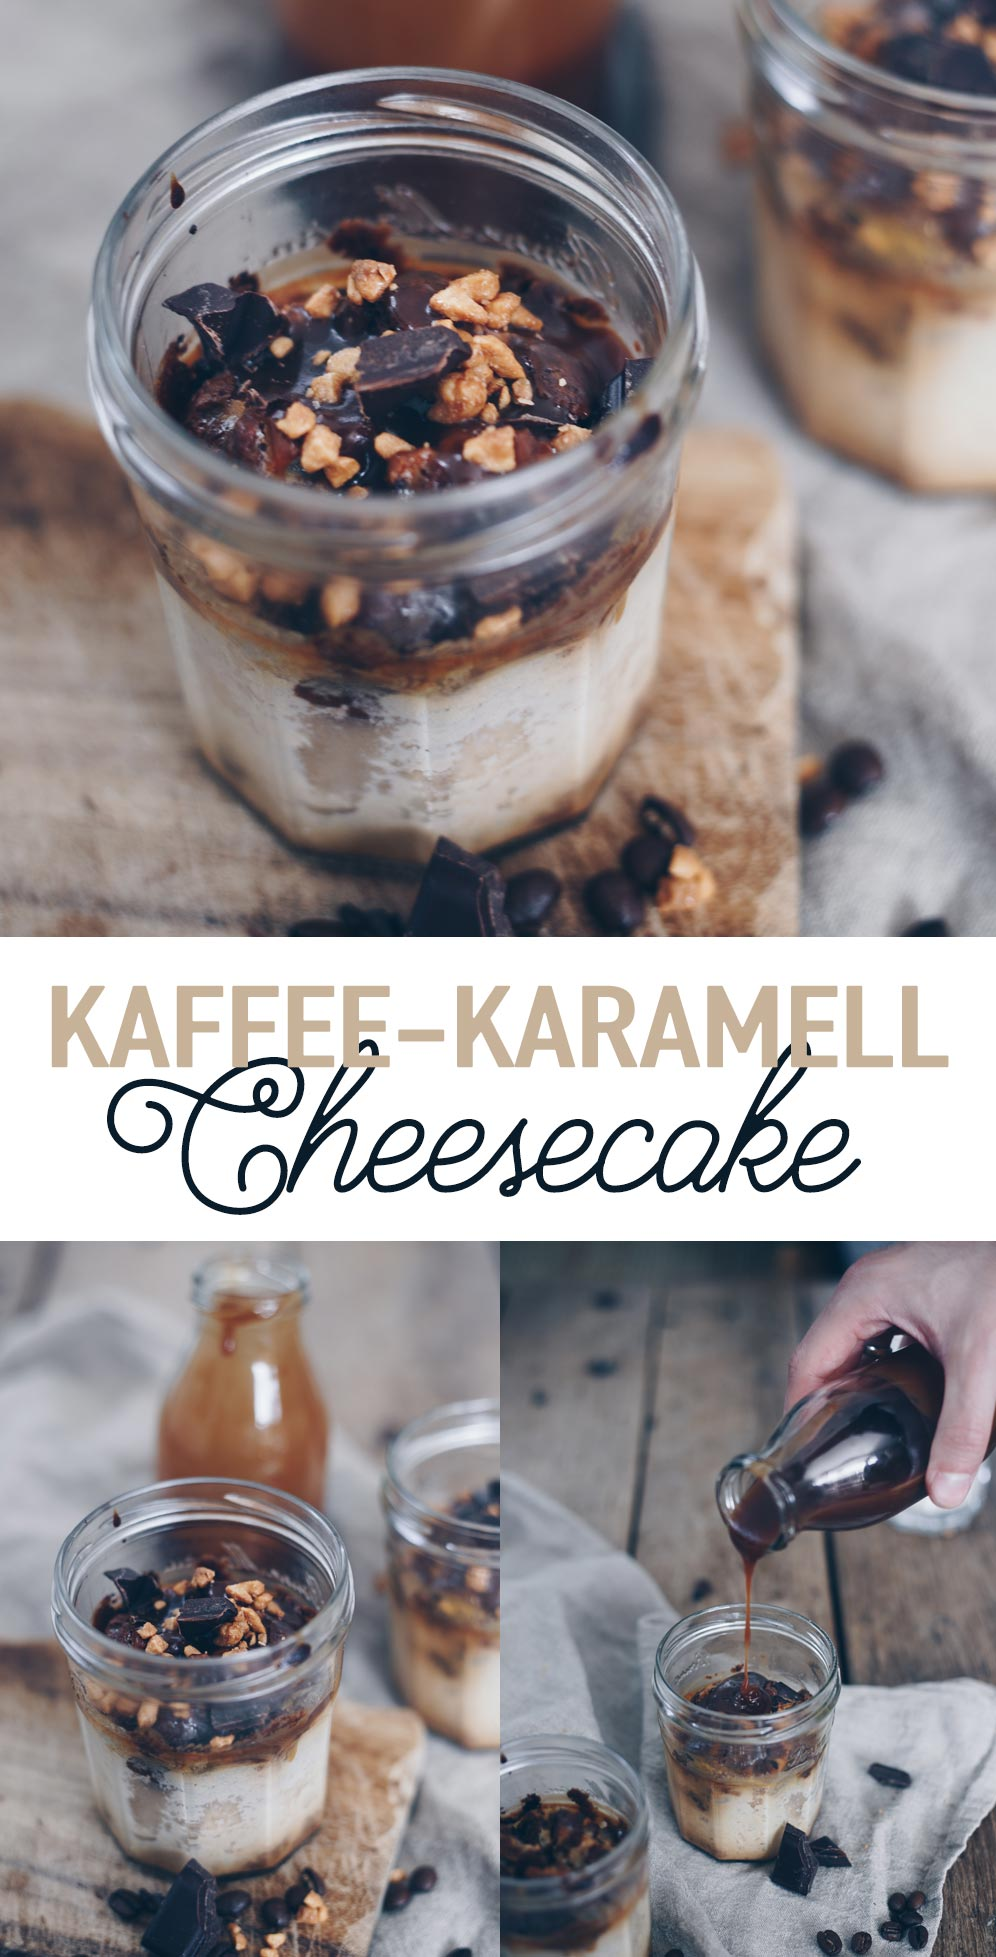 Kaffee-Karamell-Cheesecake im Glas Rezeptidee für ein Picknick